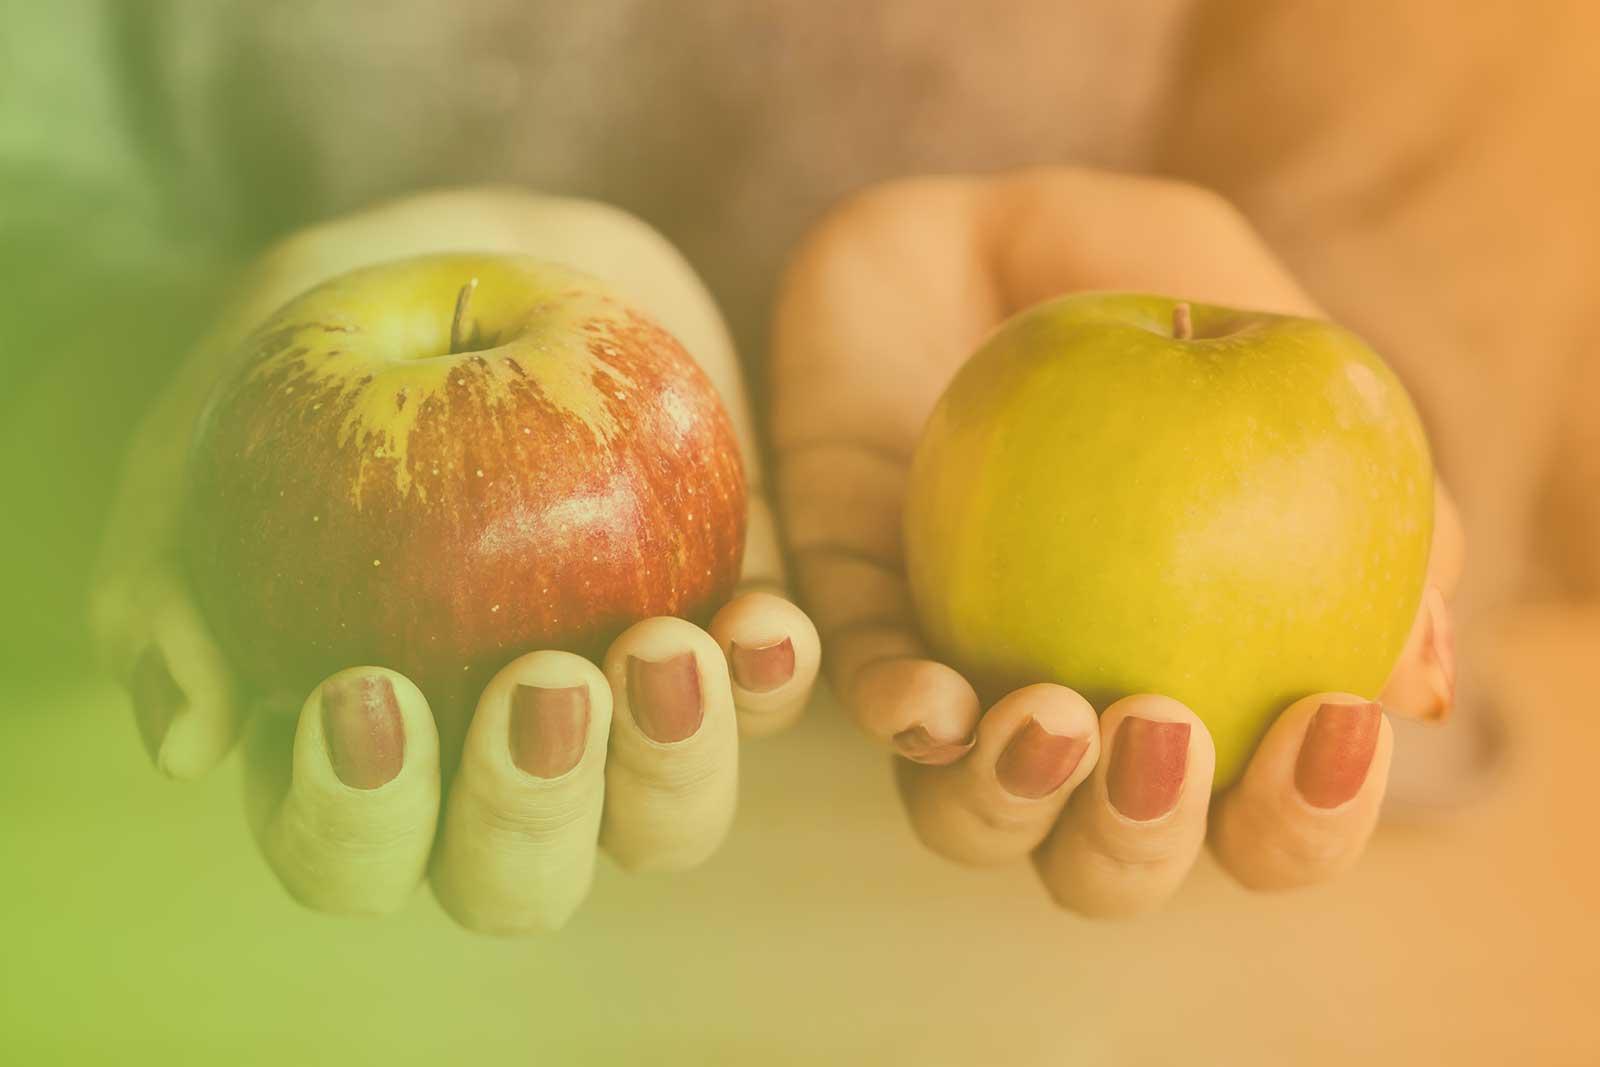 Imagem de uma mulher segurando uma maça verde na mão esquerda e uma maça vermelha na mão direita.